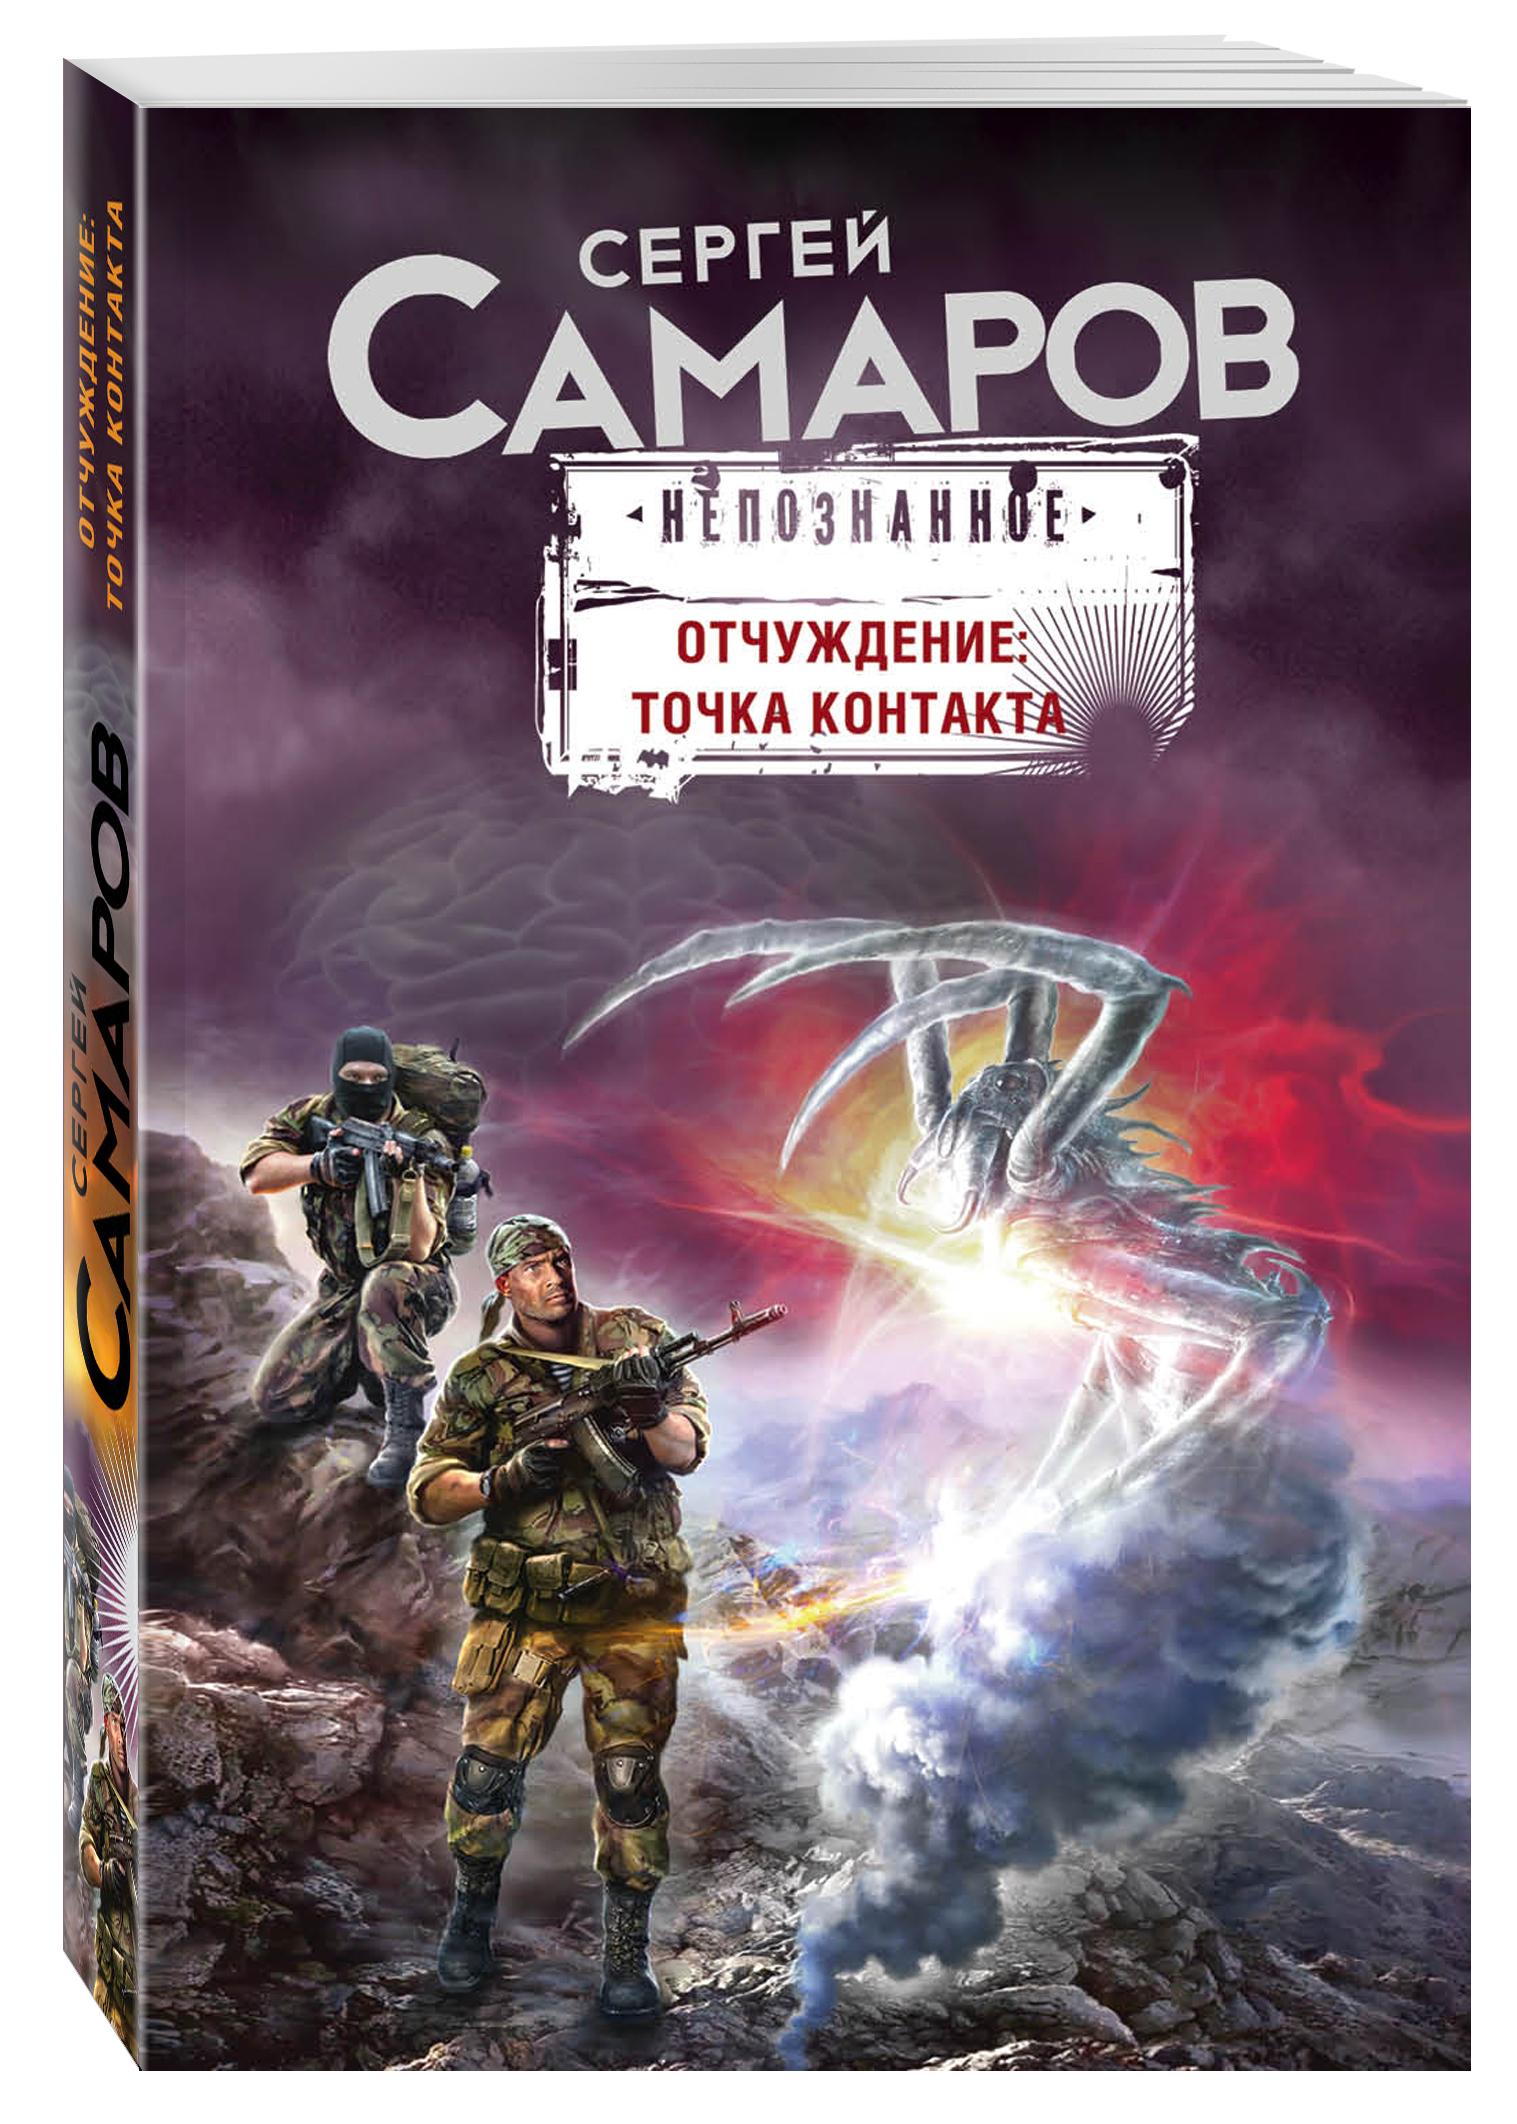 Сергей Самаров Отчуждение: точка контакта